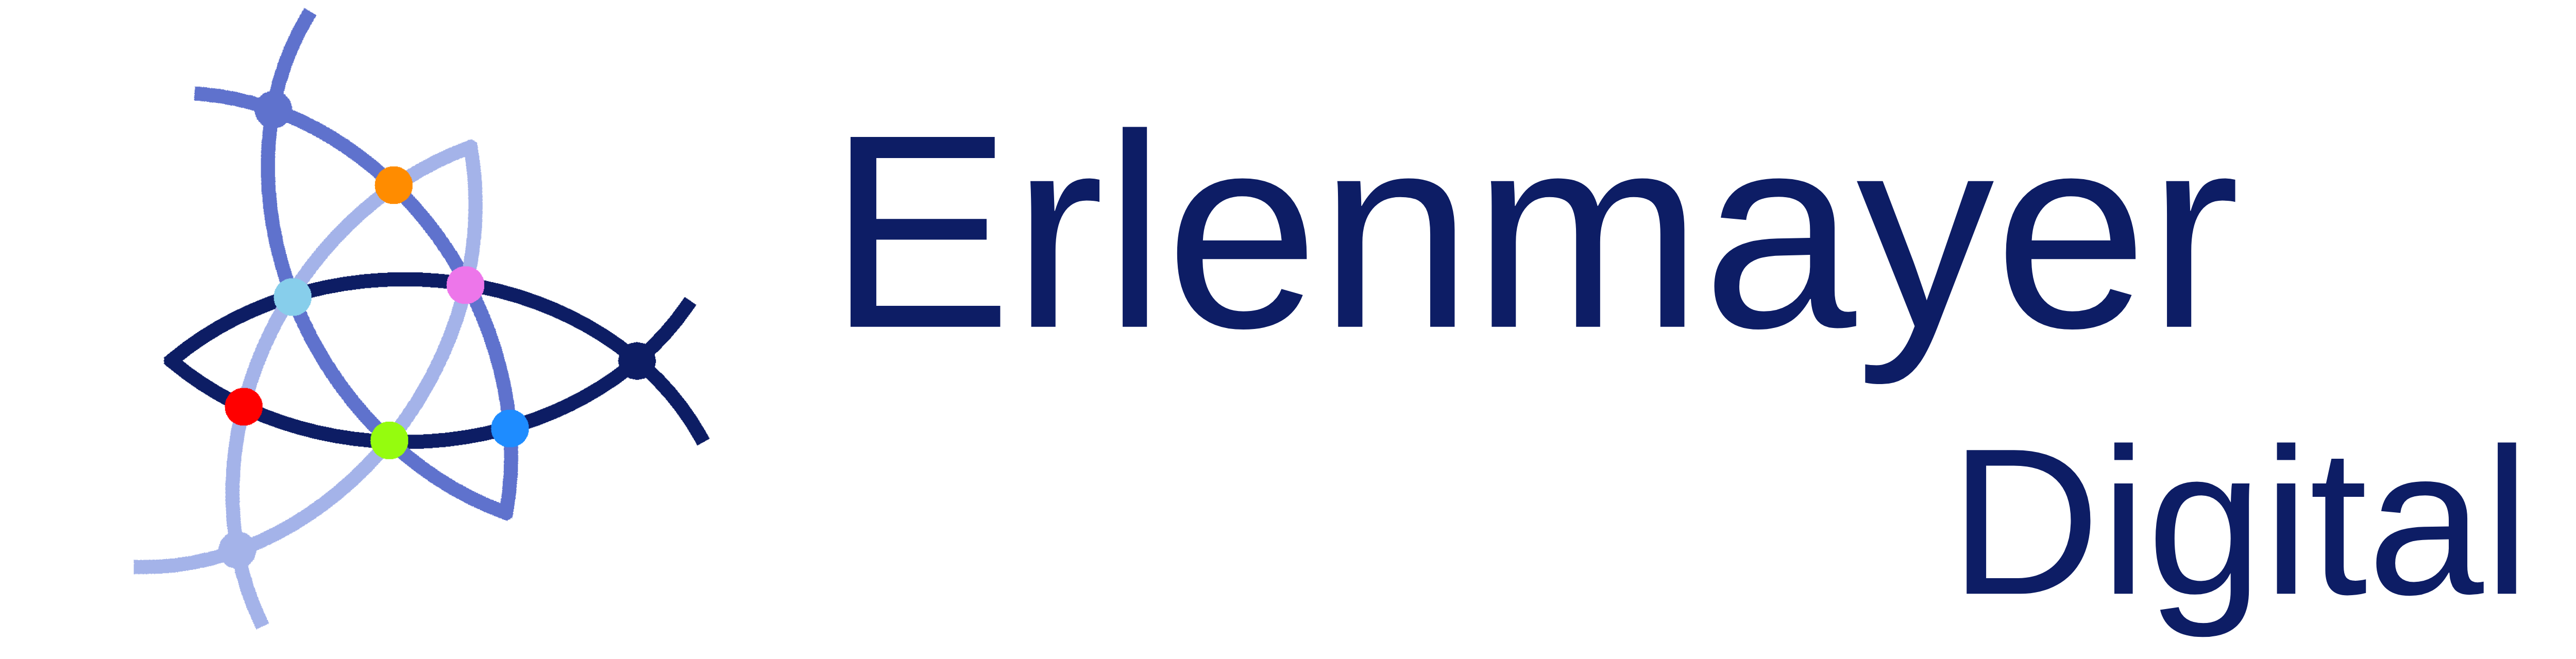 Erlenmayer Digital